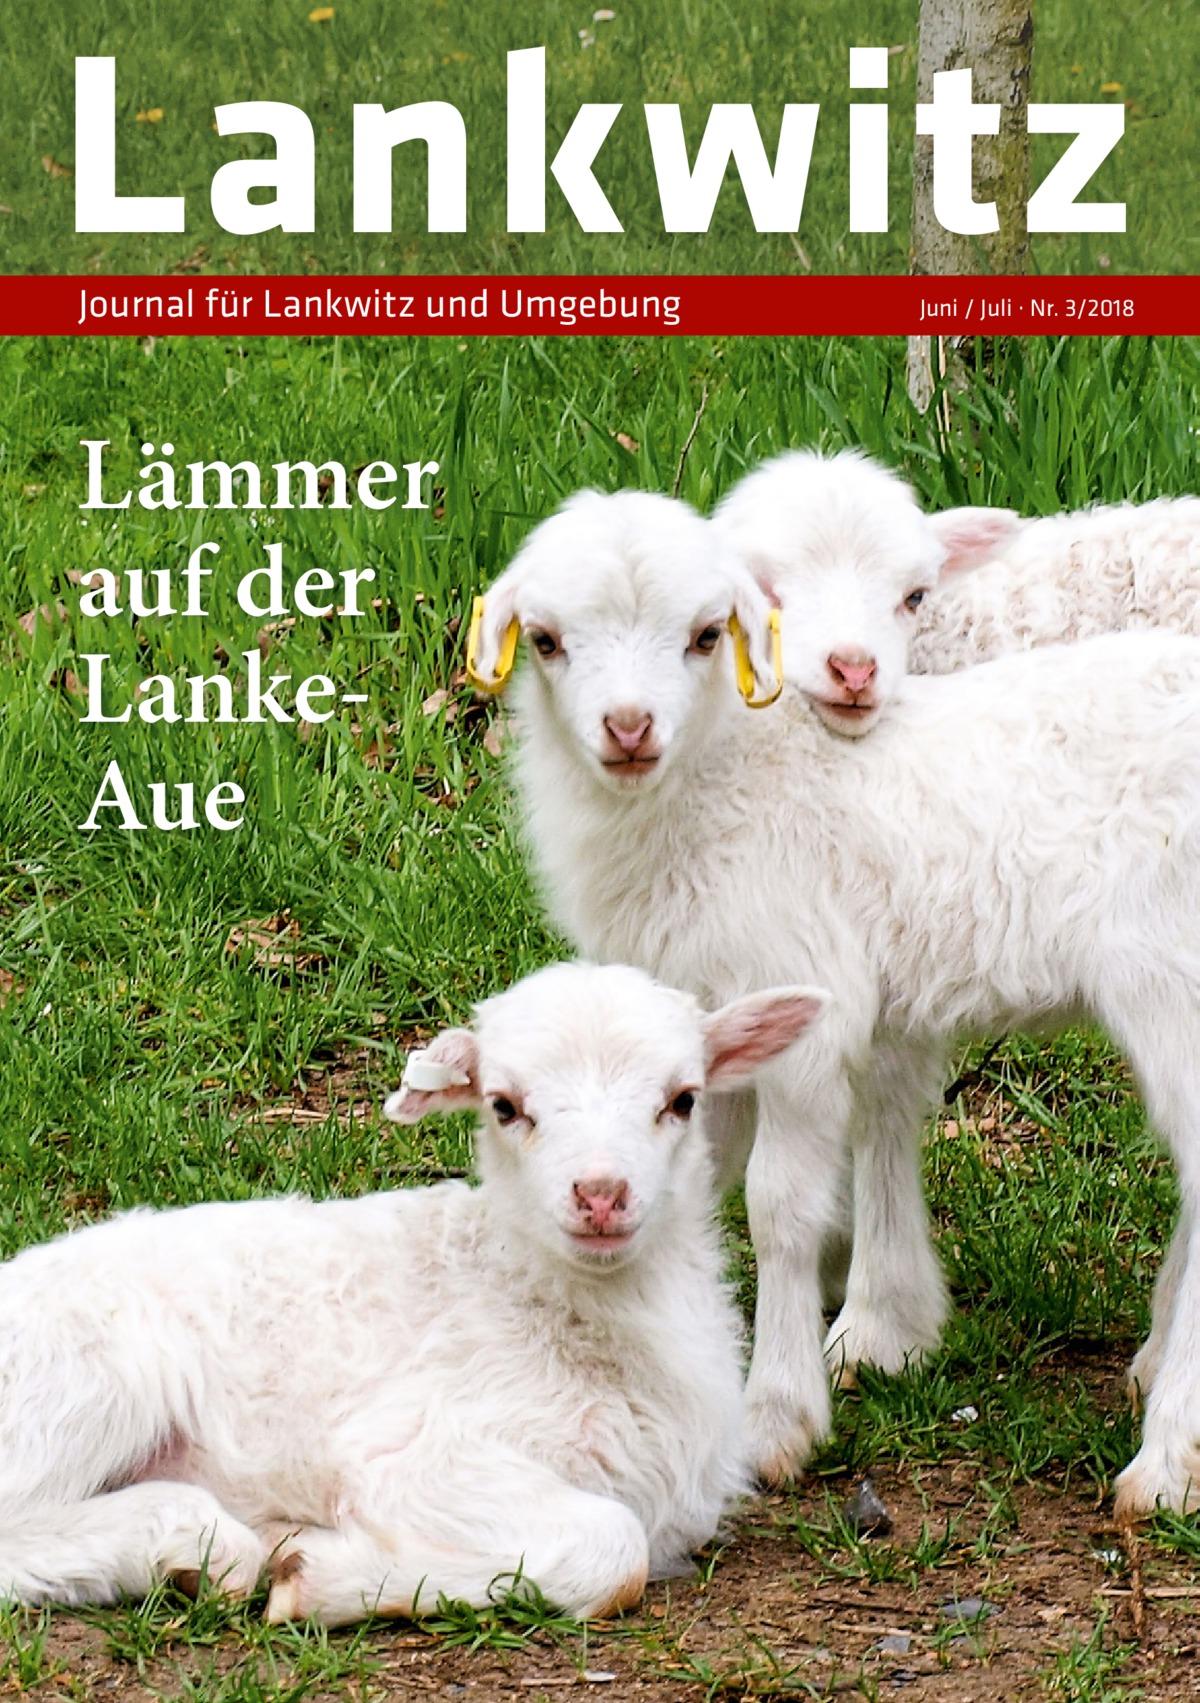 Lankwitz Journal für Lankwitz und Umgebung  Lämmer auf der LankeAue  Juni / Juli · Nr. 3/2018